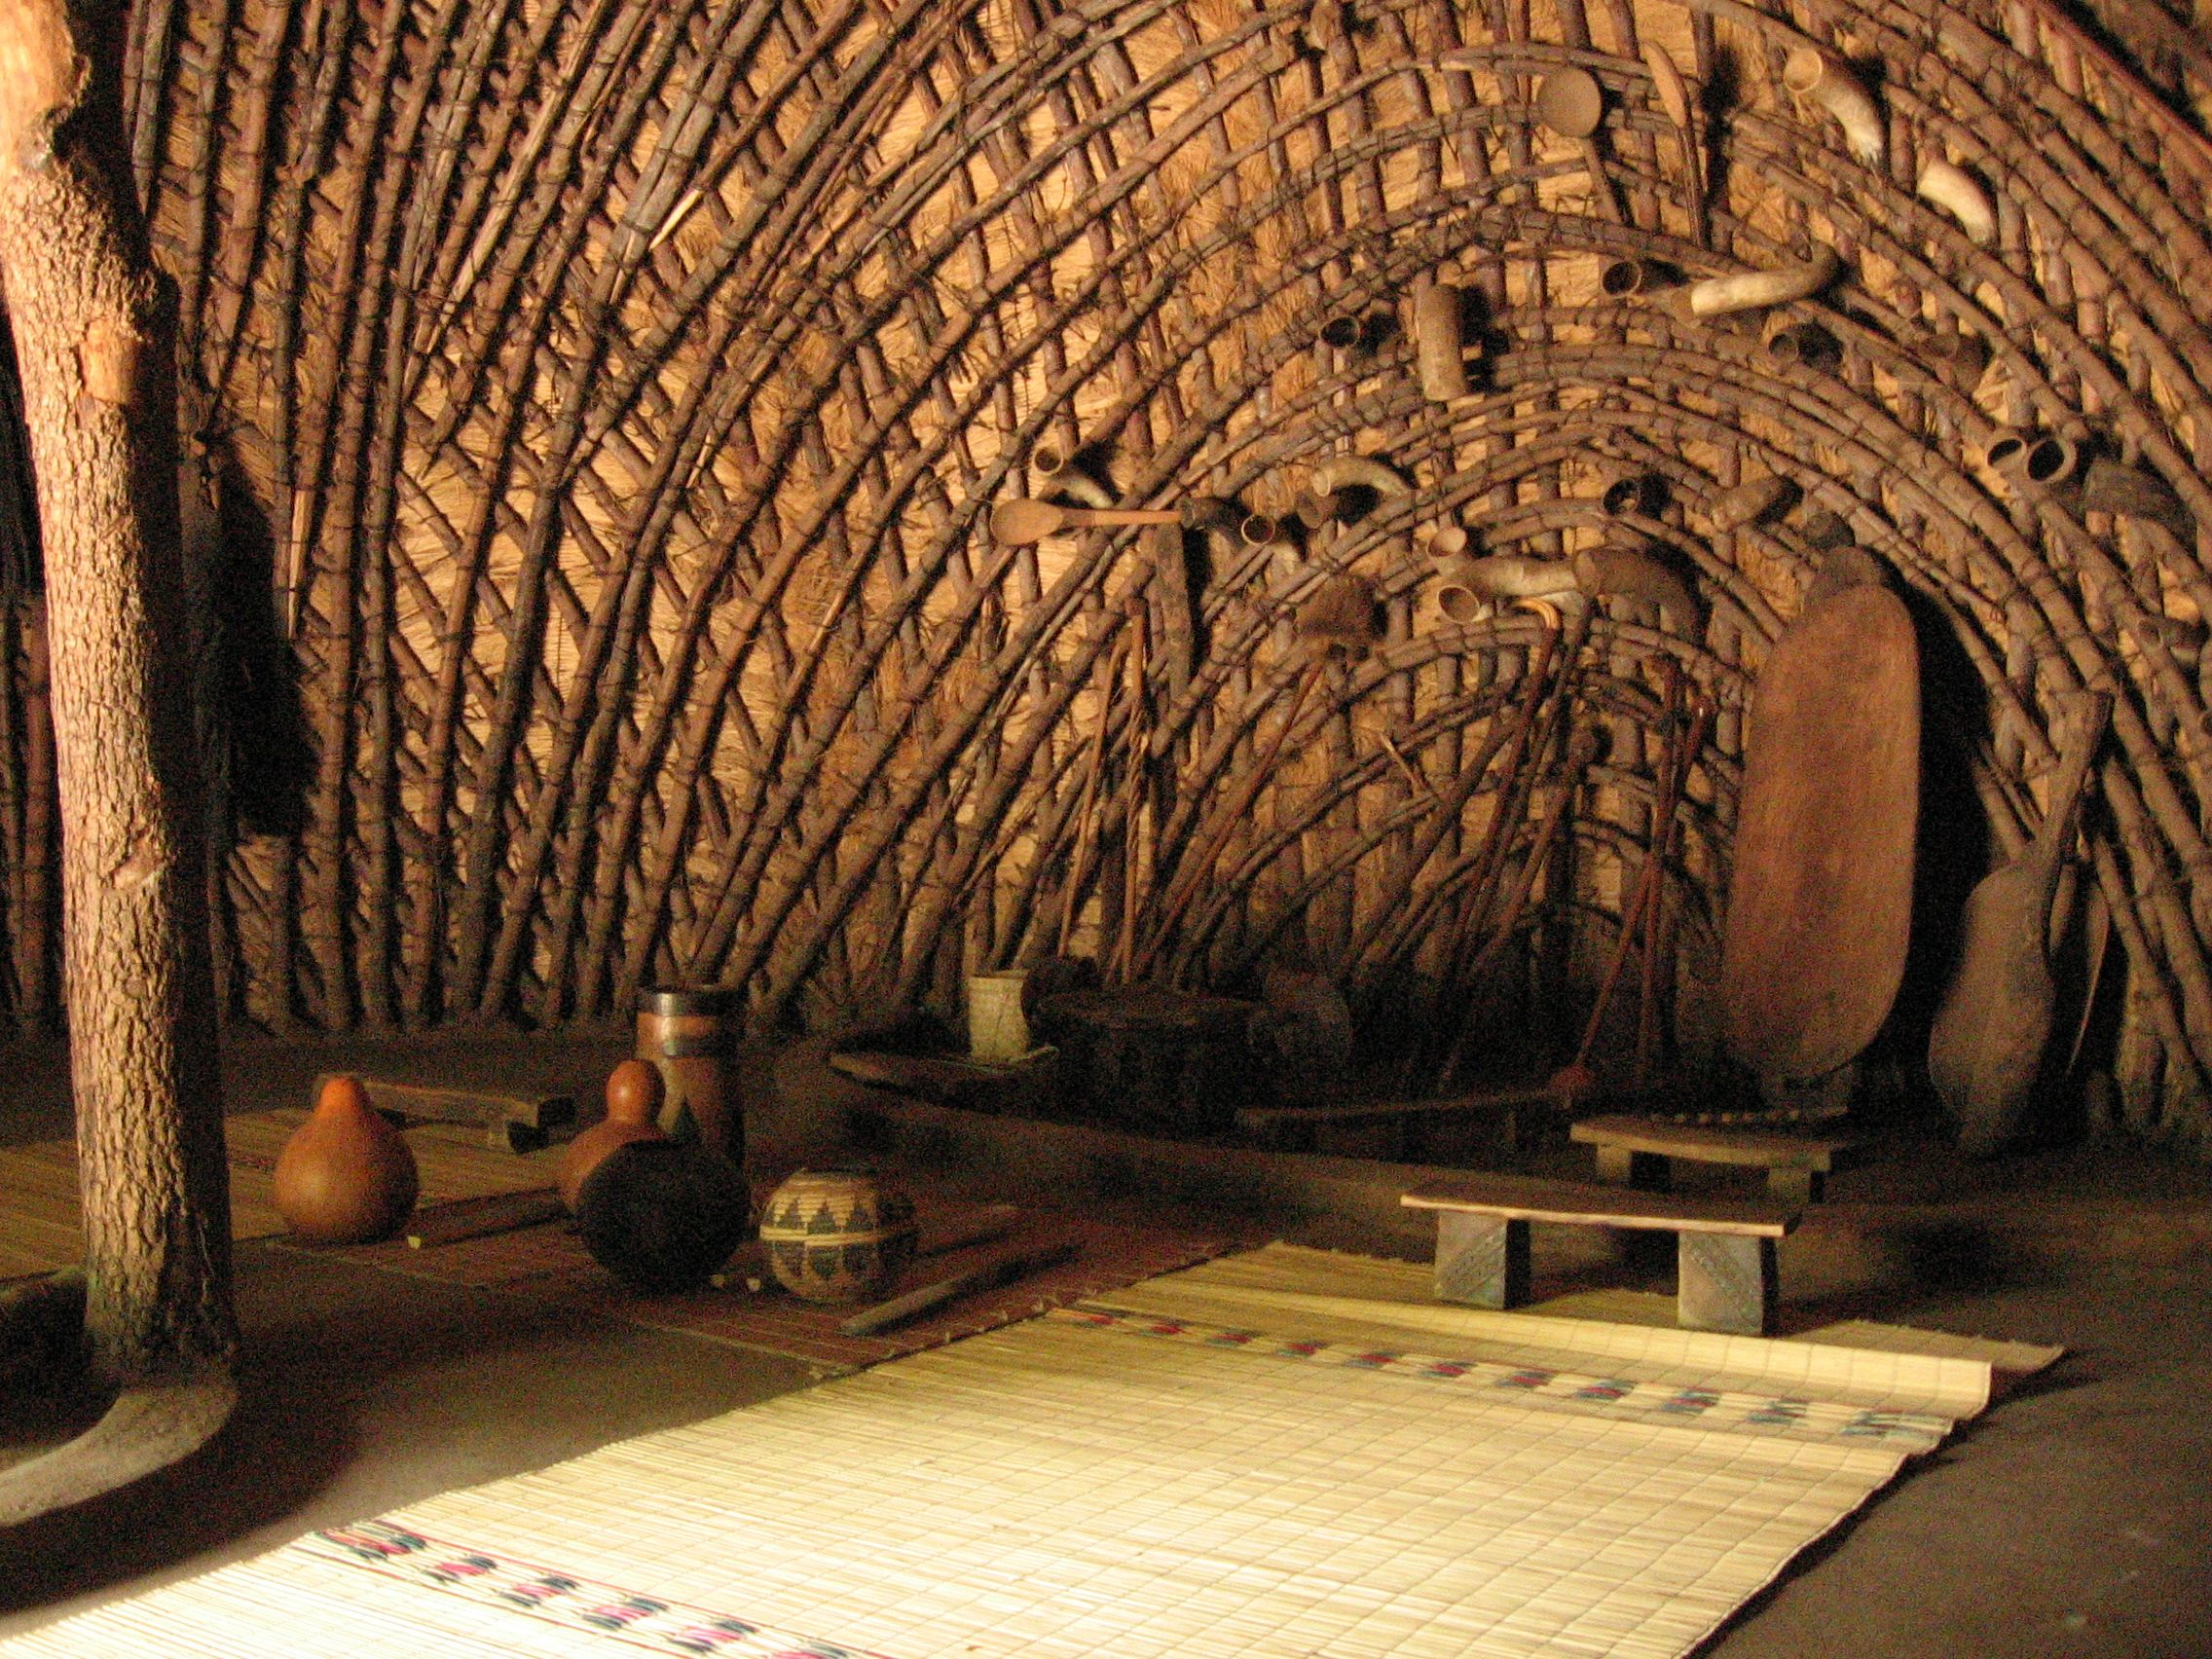 Zulu Hut Inside Africa South Pinterest Zulu